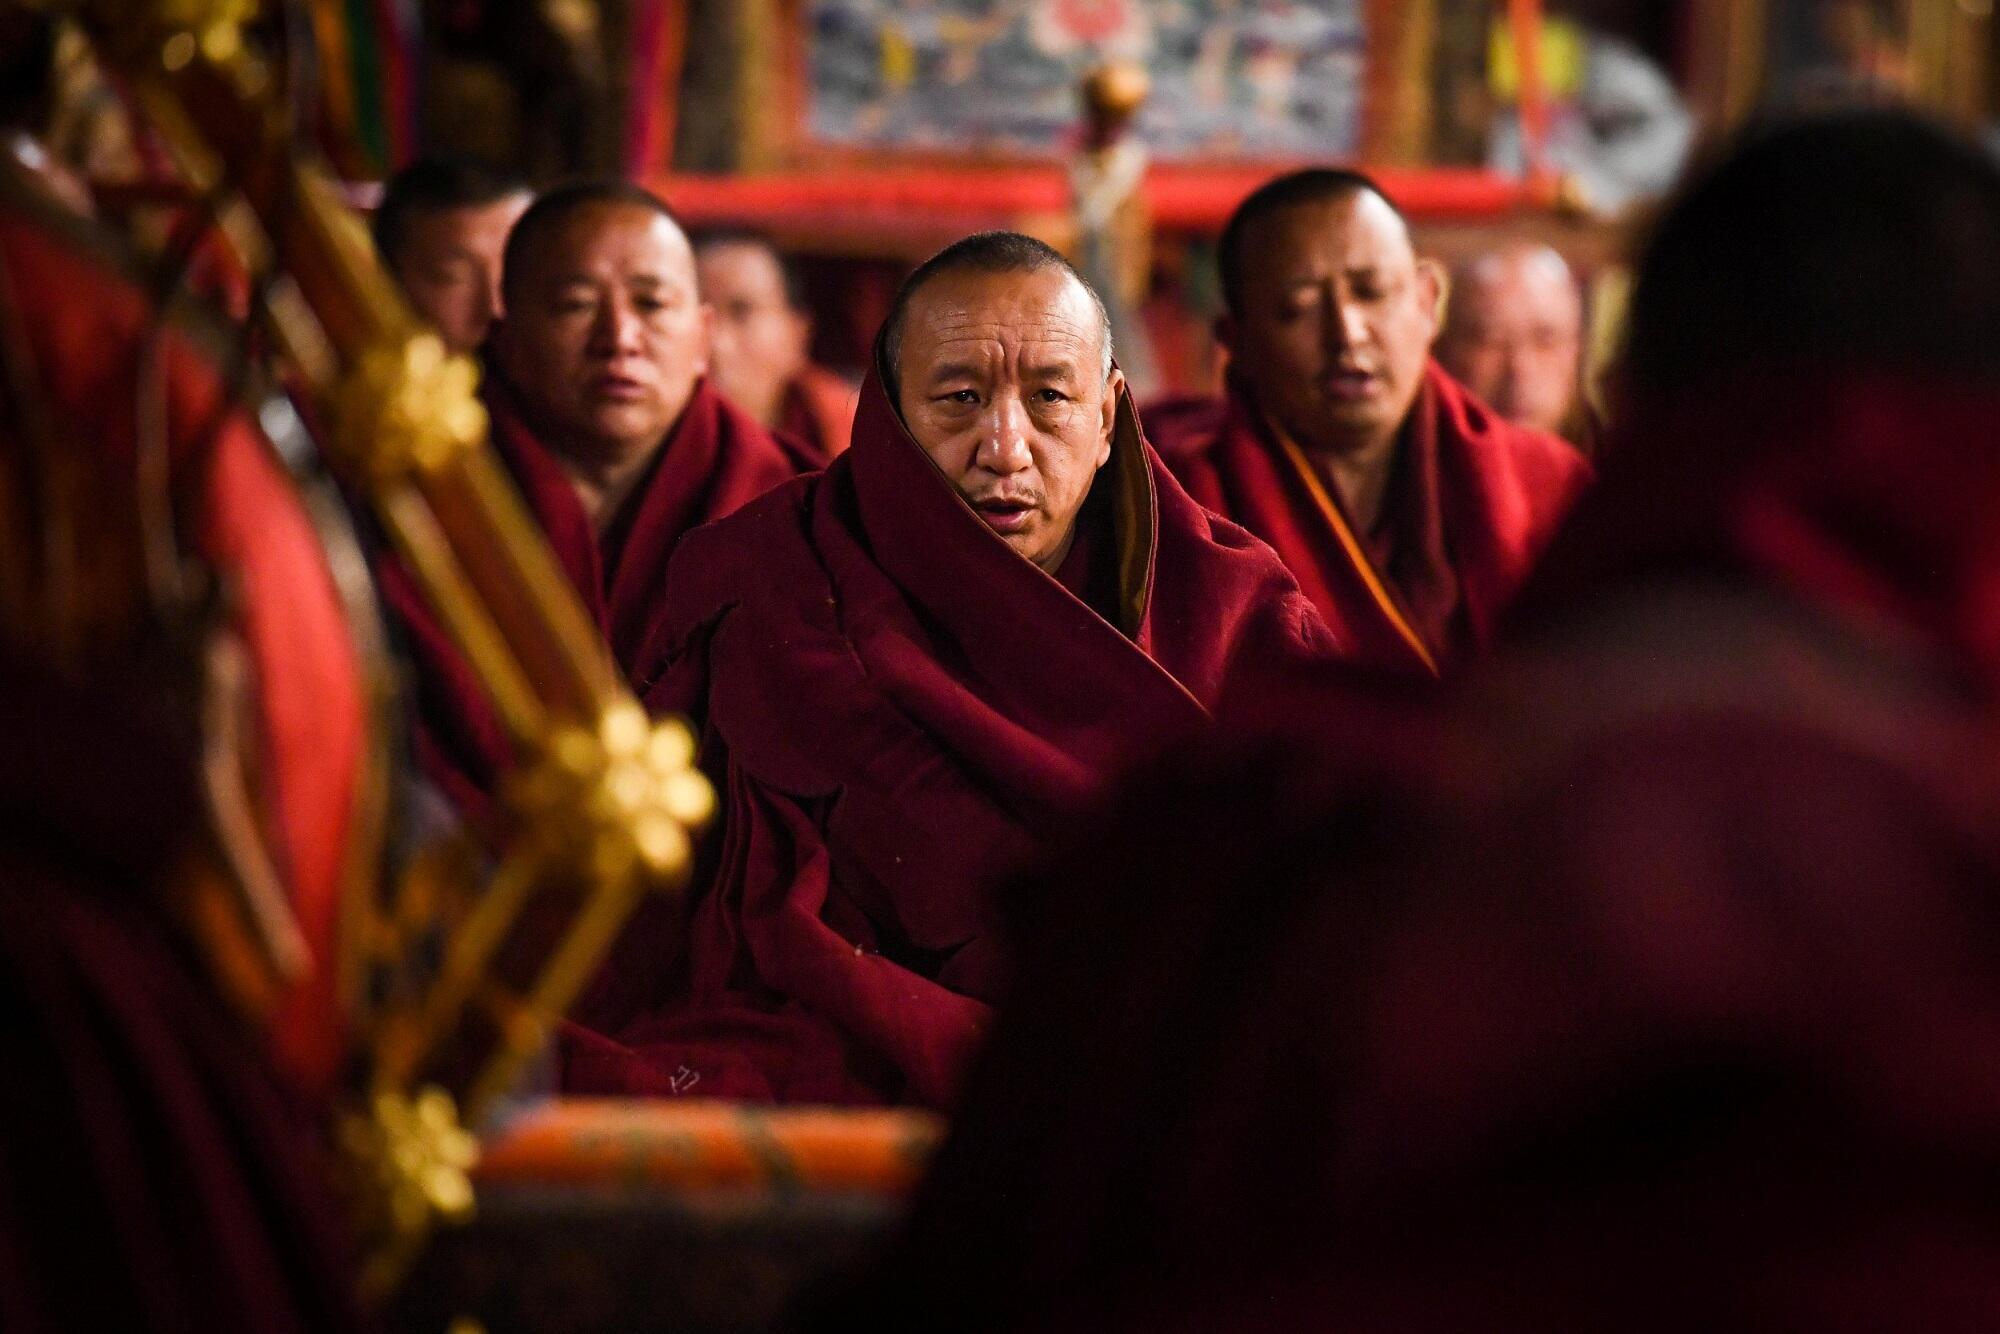 Các nhà sư Tây Tạng tụng kinh trong chùa Jokhang, tại Lhasa, khu tự trị Tây Tạng, Trung Quốc, ngày 28/01/2019.